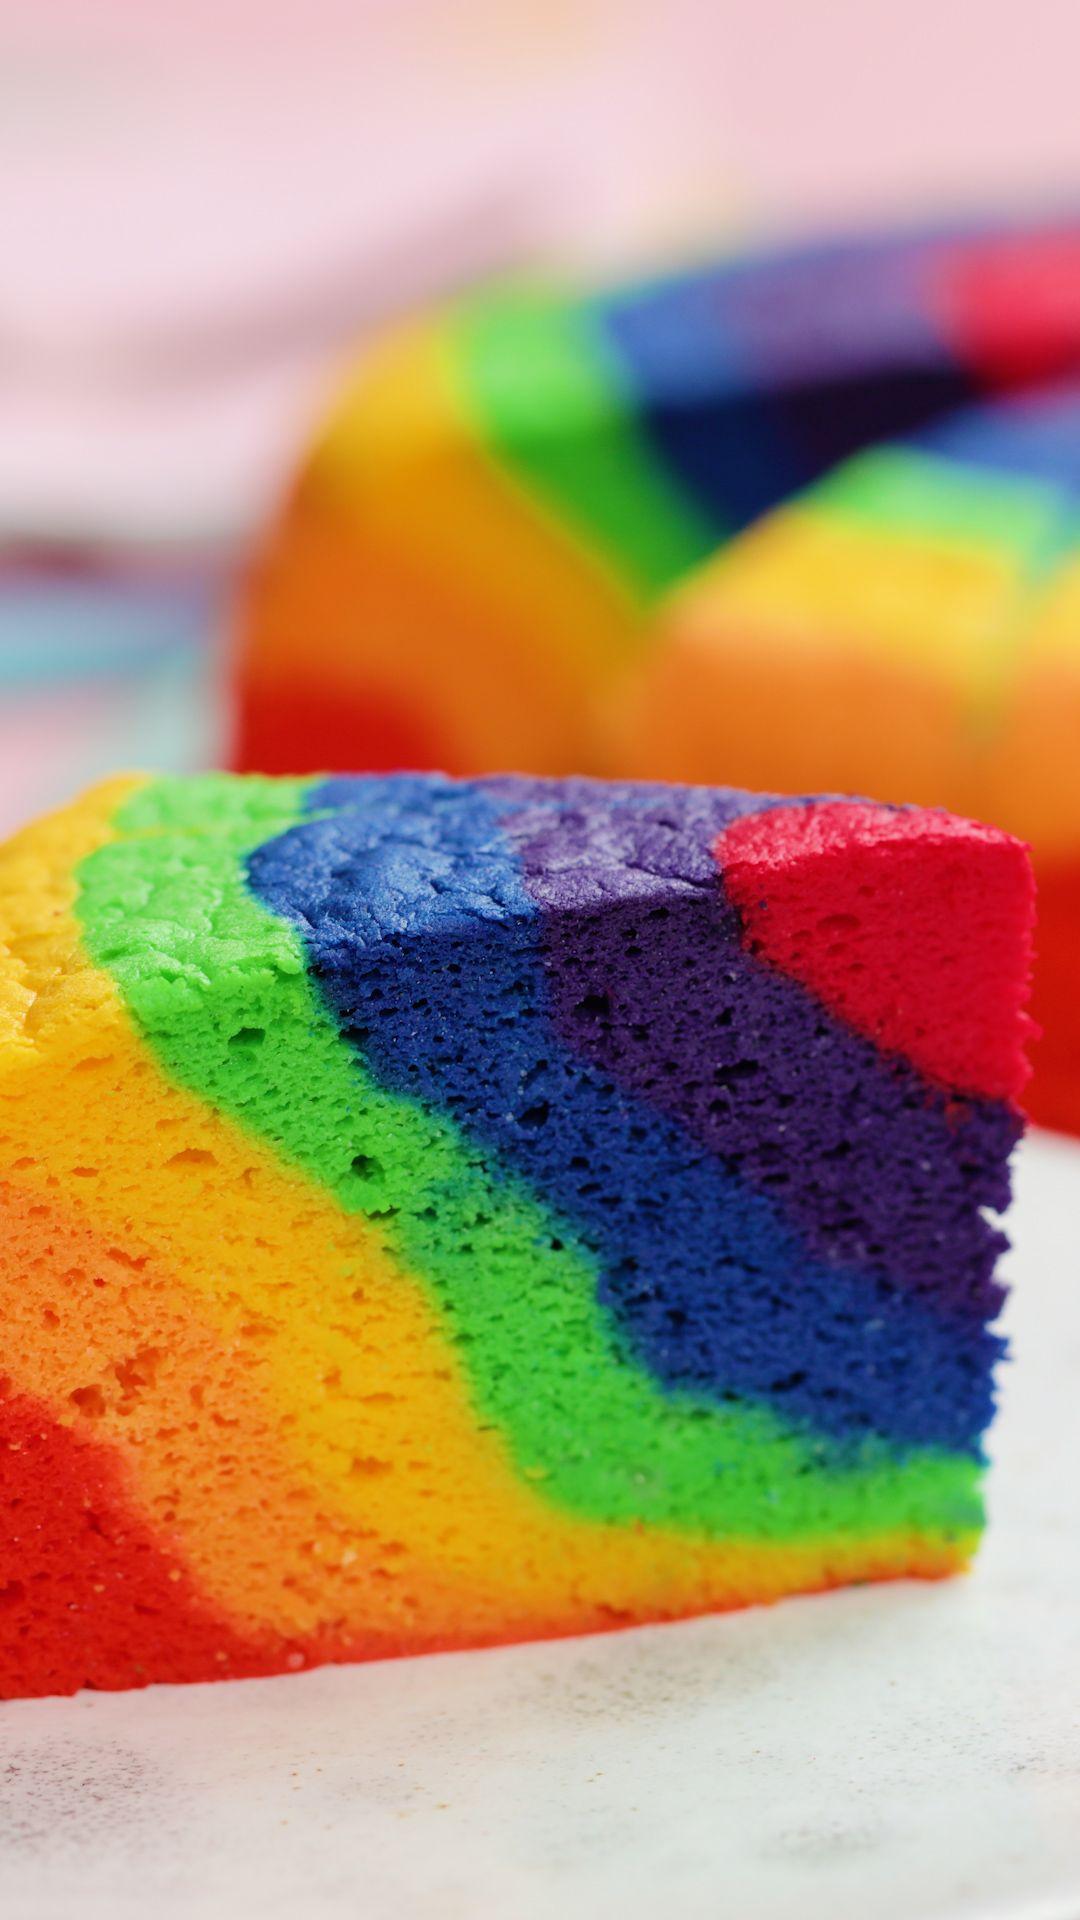 Rainbow Sponge Cake #cakesanddeserts